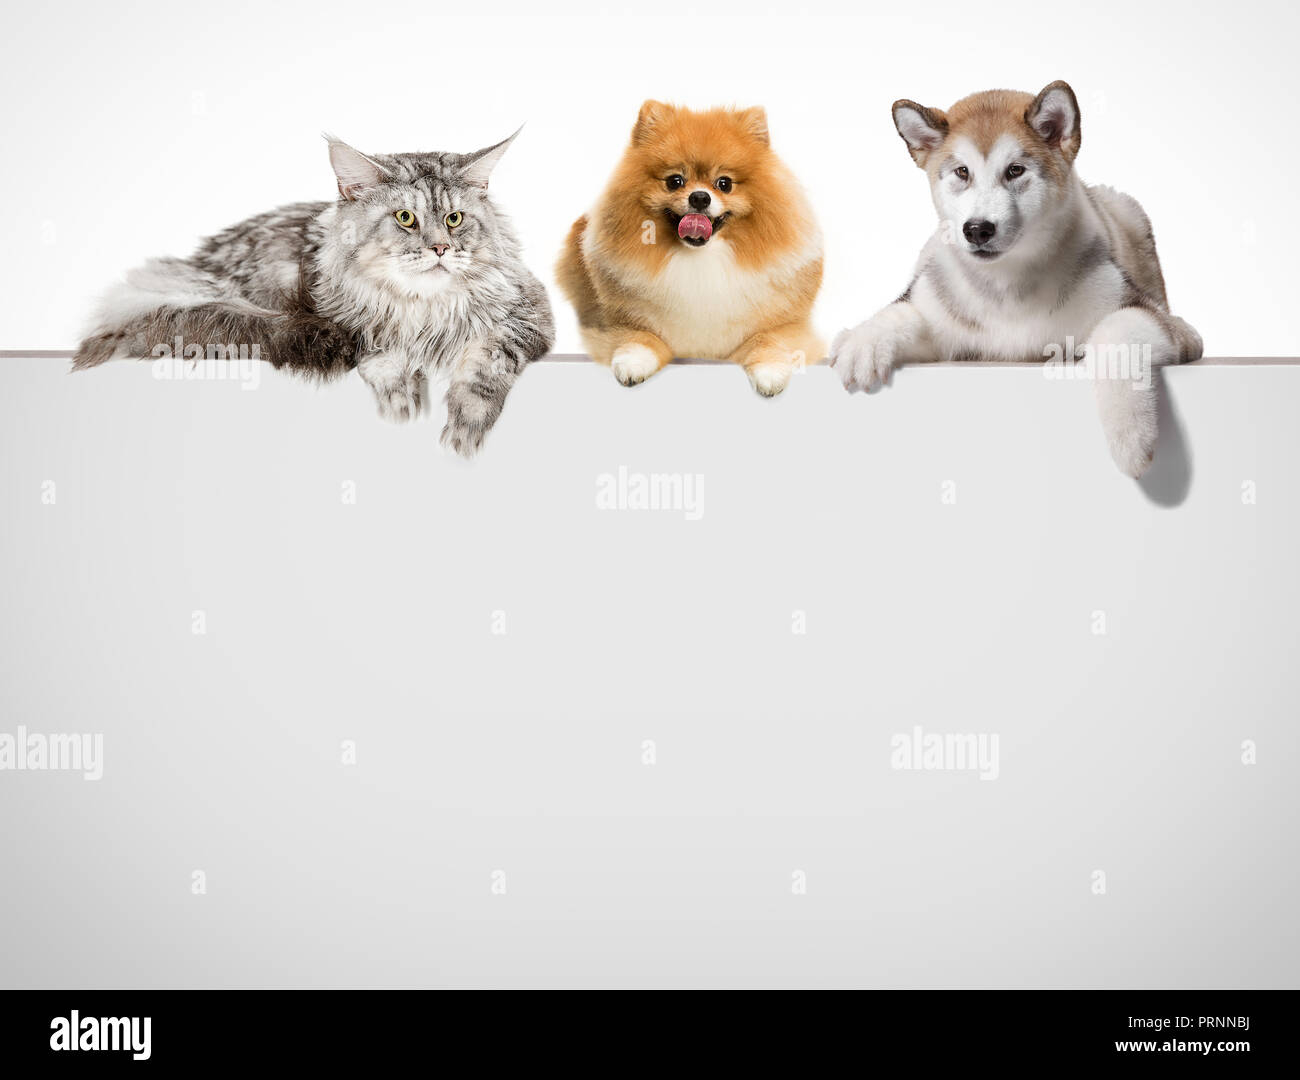 Reihe Von Katzen Und Hunden Die Pfoten Auf Eine Weiße Fahne